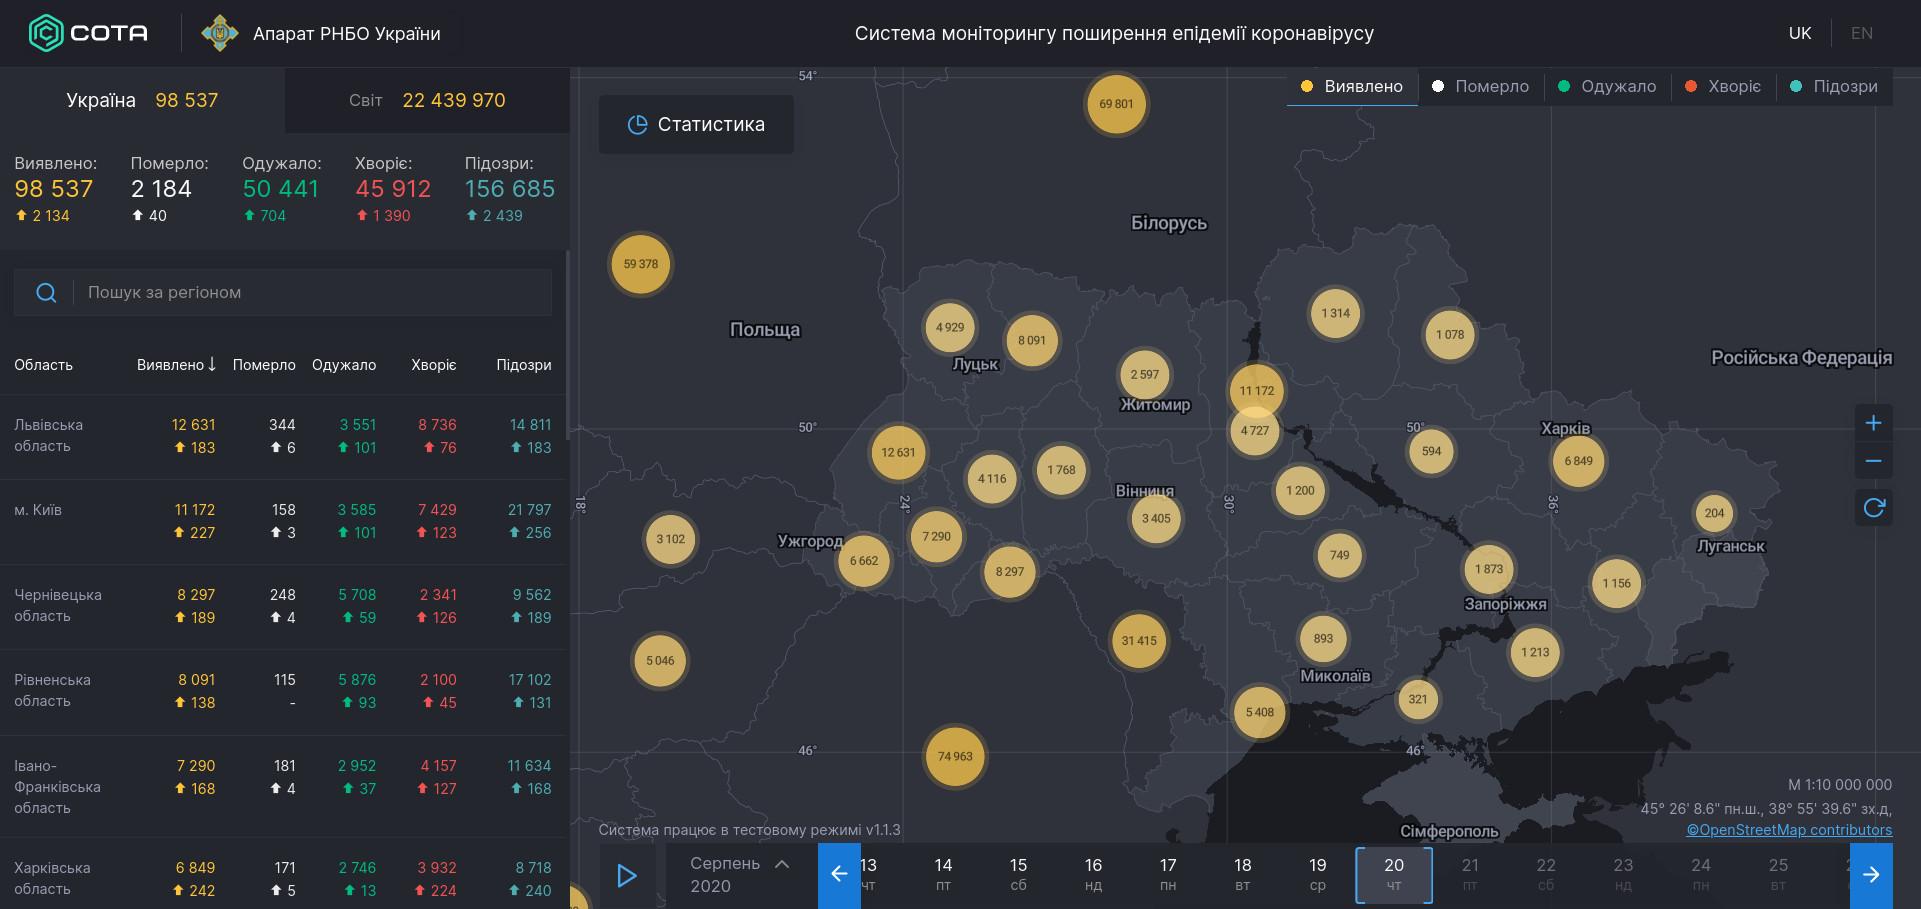 Данные система мониторинга коронавирусной инфекции в Украине по состоянию на 20 августа